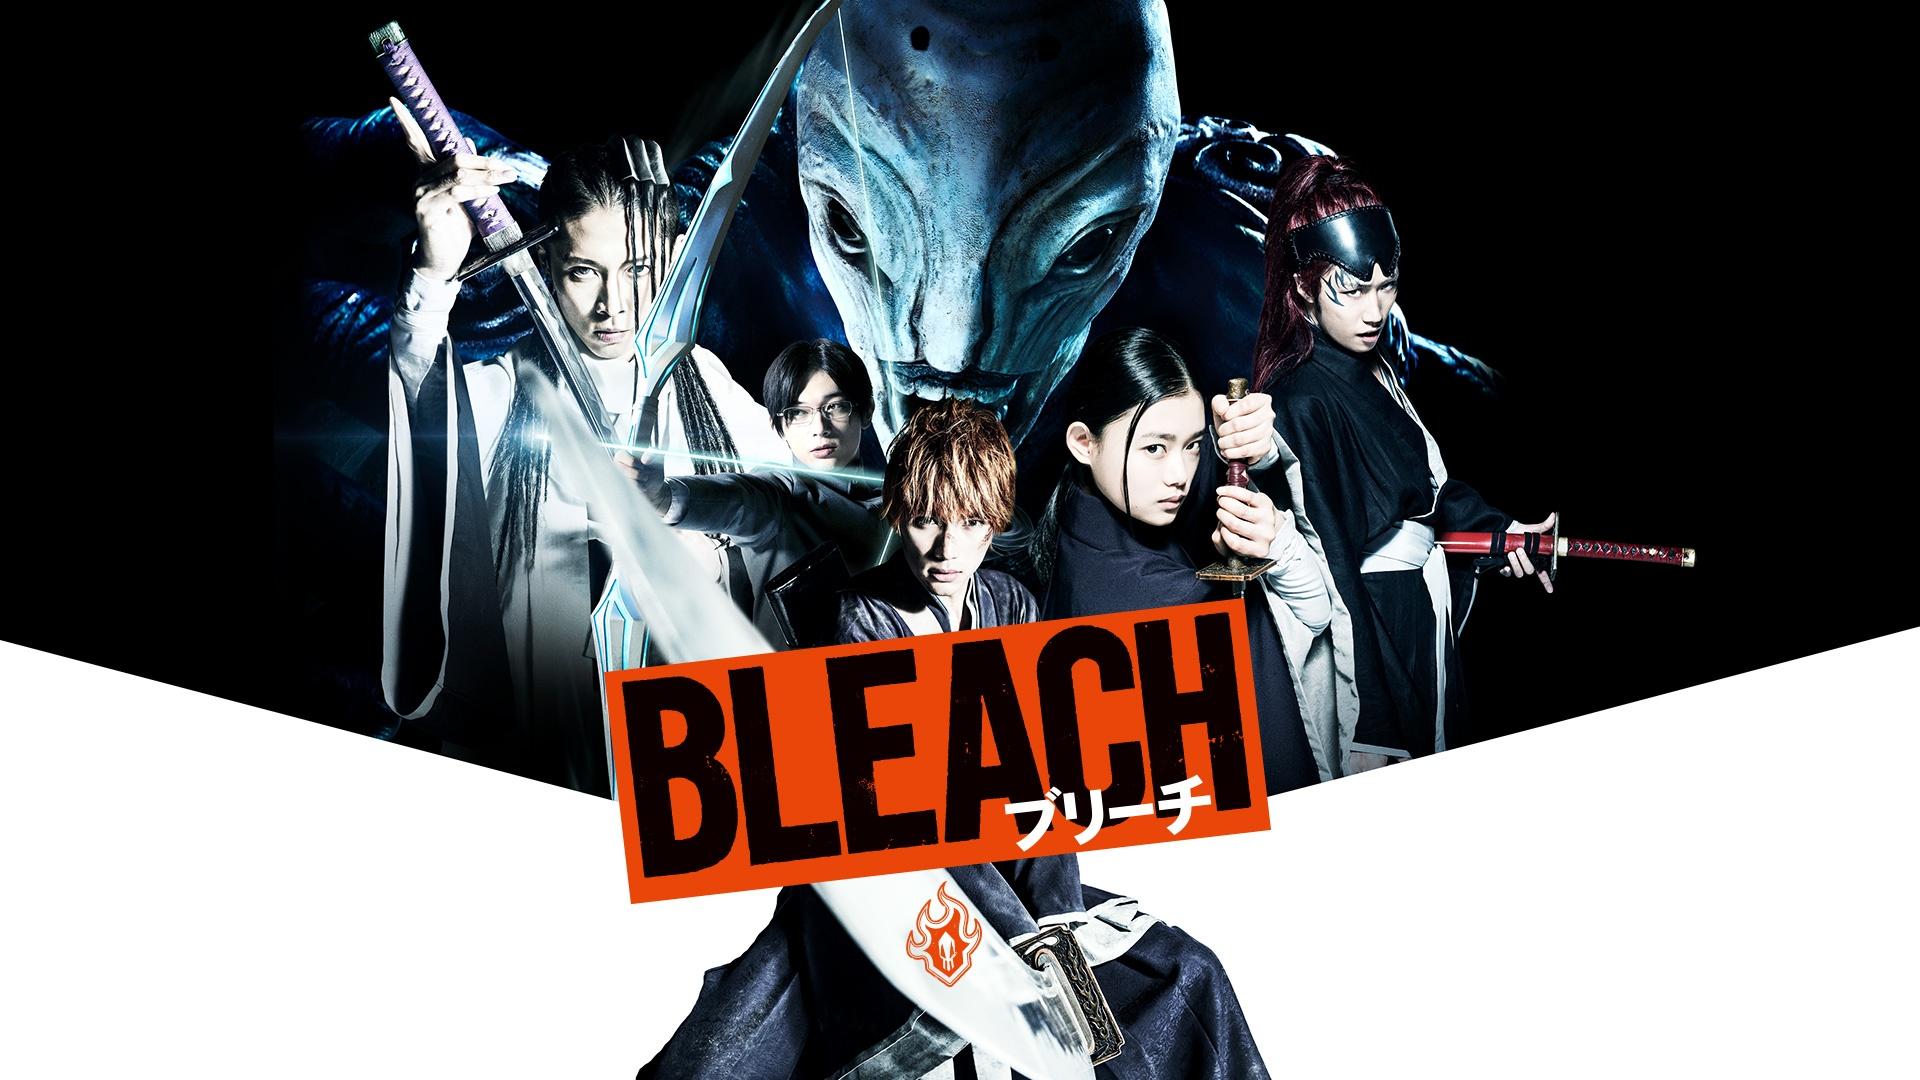 BLEACH(ブリーチ)